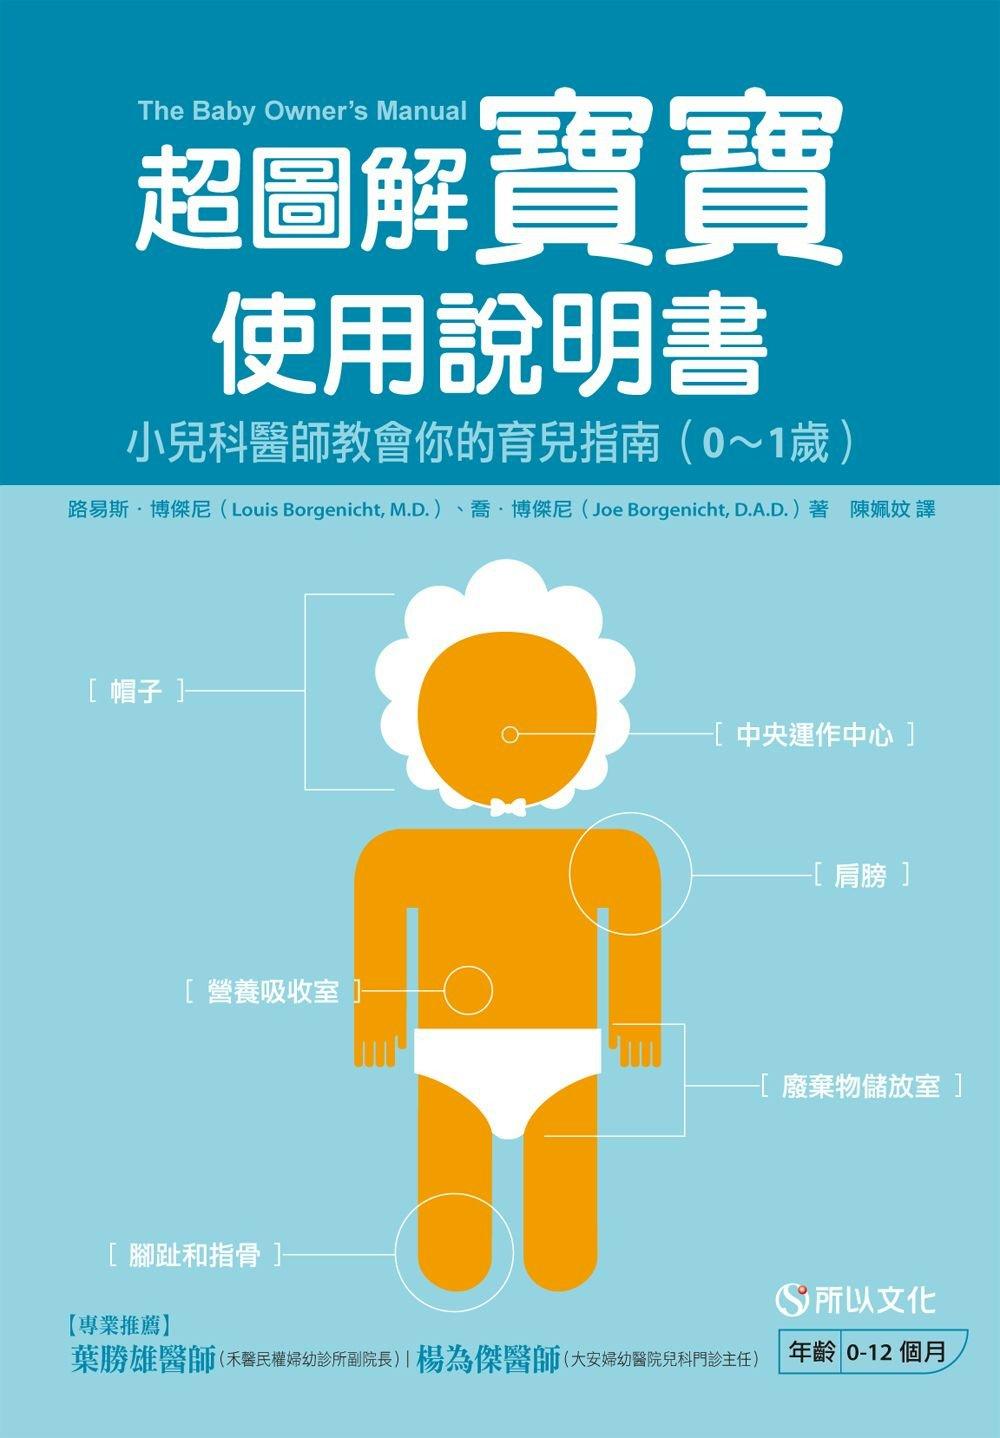 超圖解寶寶使用說明書:小兒科醫師教會你的育兒指南(0~1?)